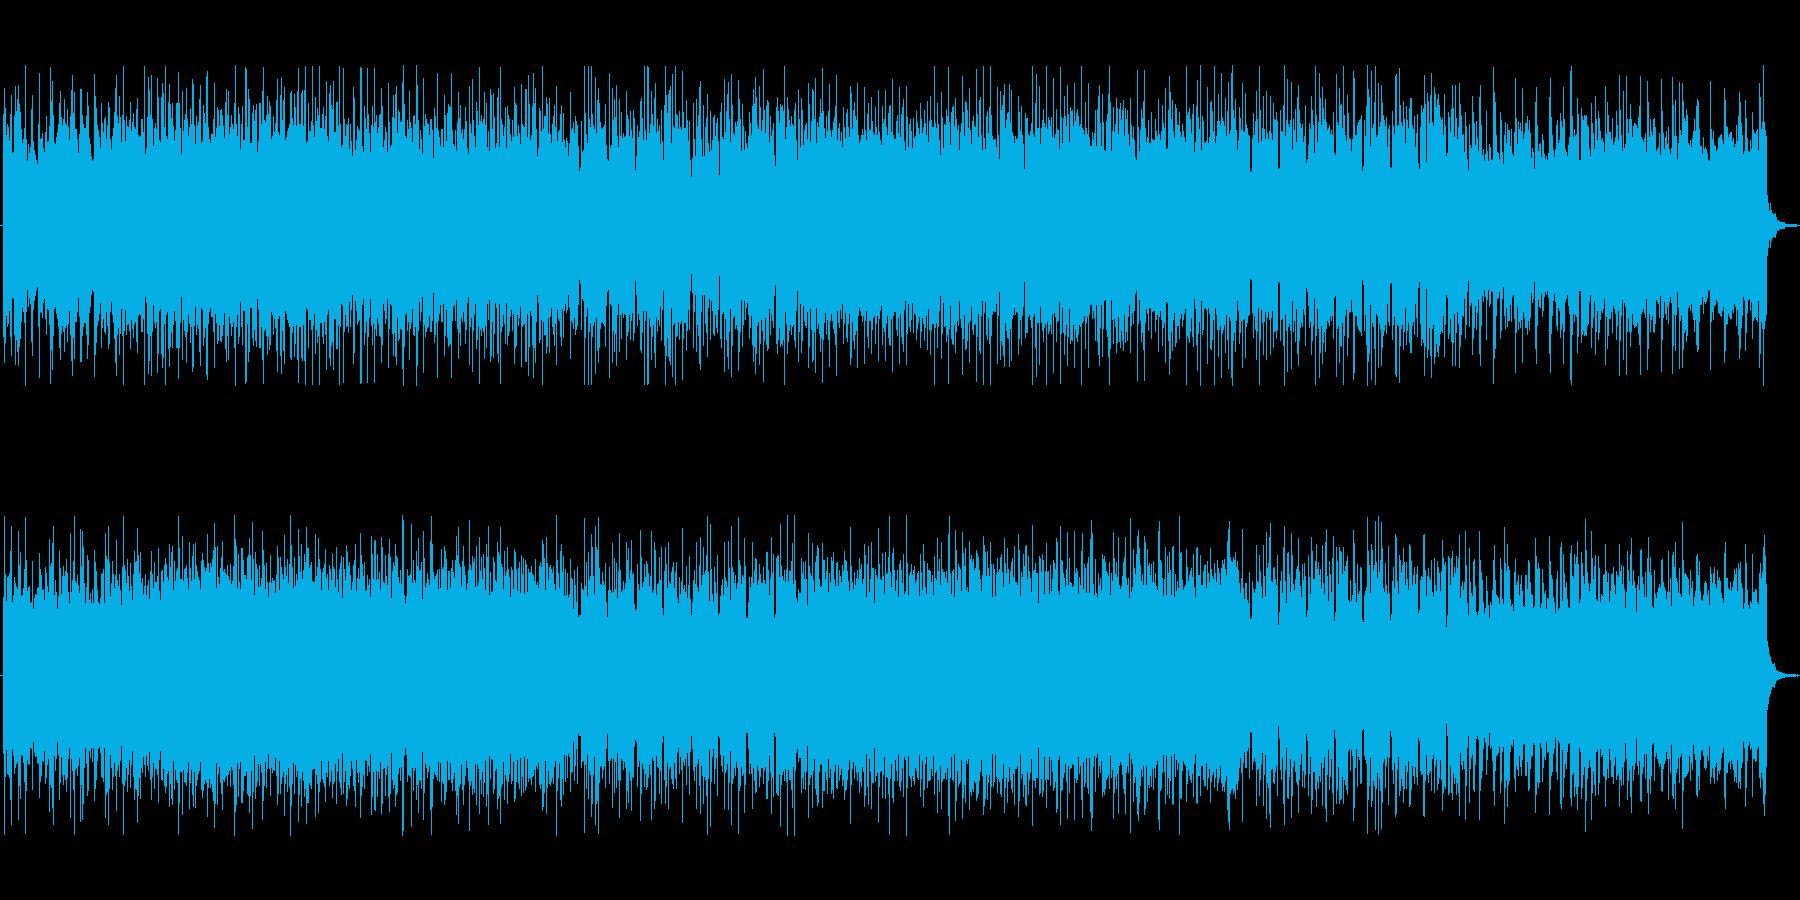 軽快でポップな宇宙空間 シンセ曲の再生済みの波形